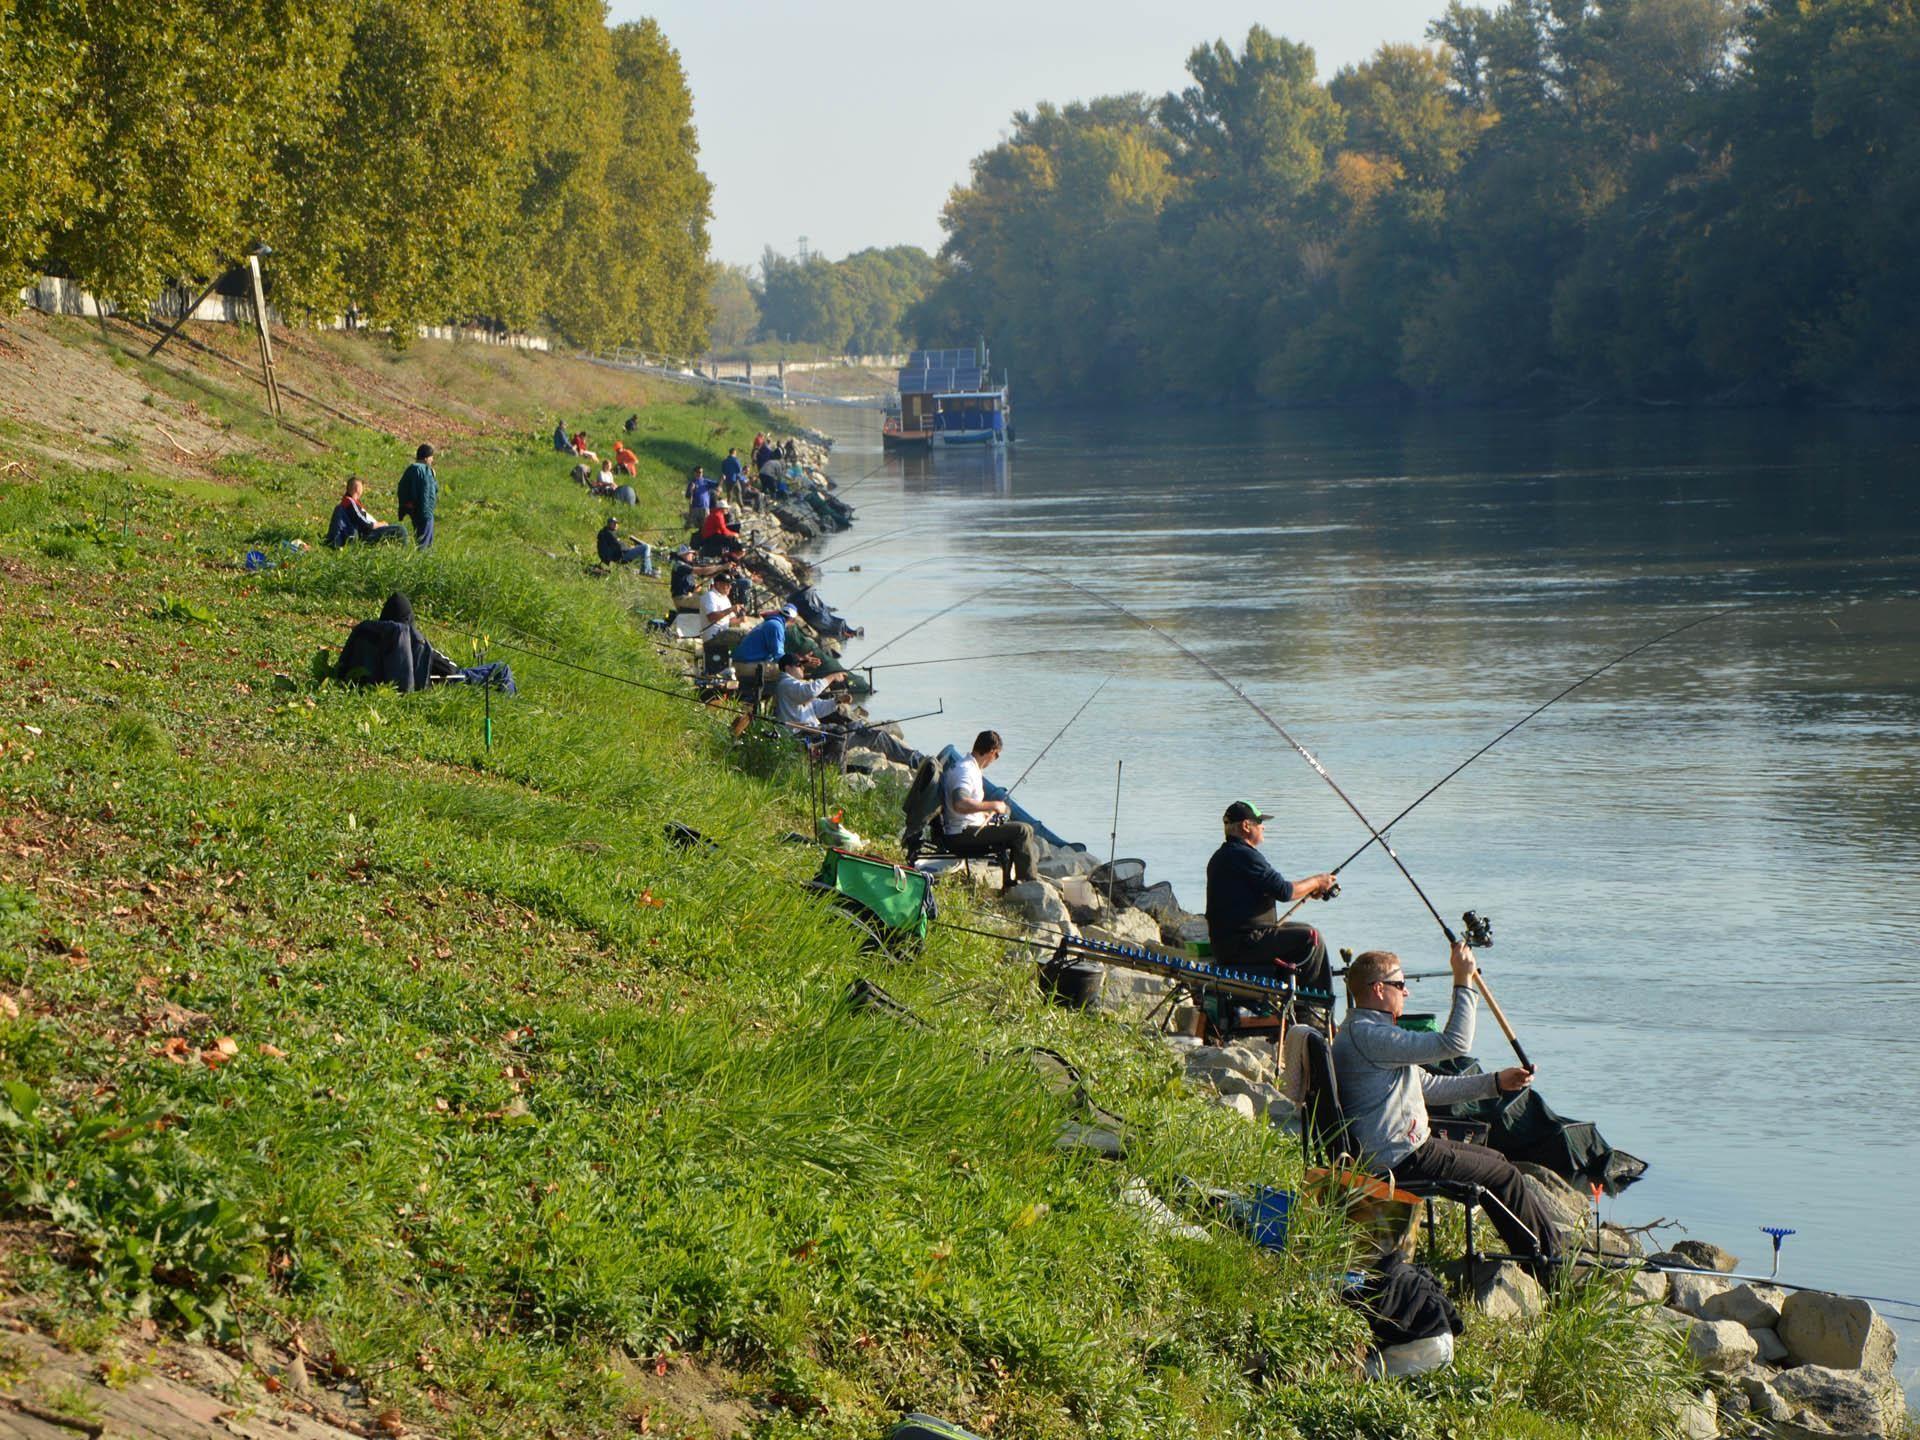 A folyóvízi feederezés is egyre népszerűbb